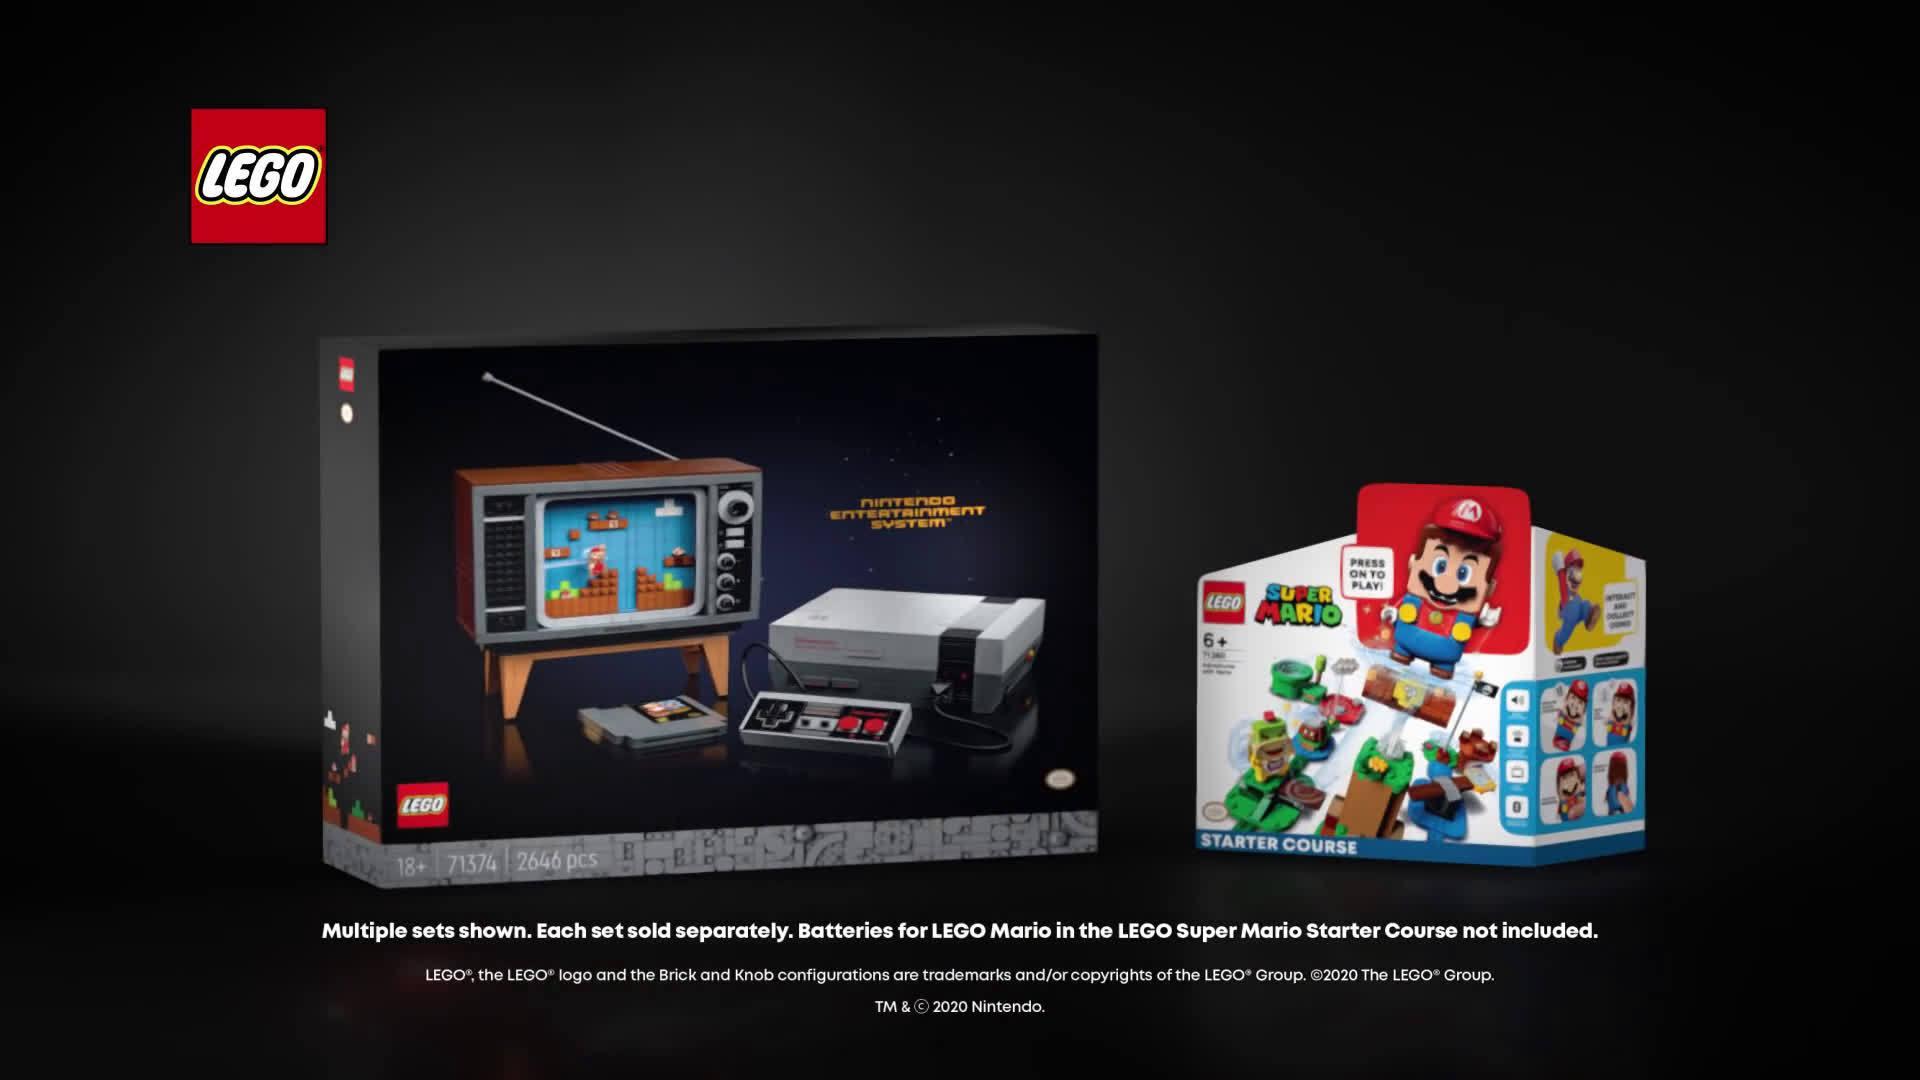 乐高与任天堂合作推出新款《超级马里奥兄弟》系列玩具……